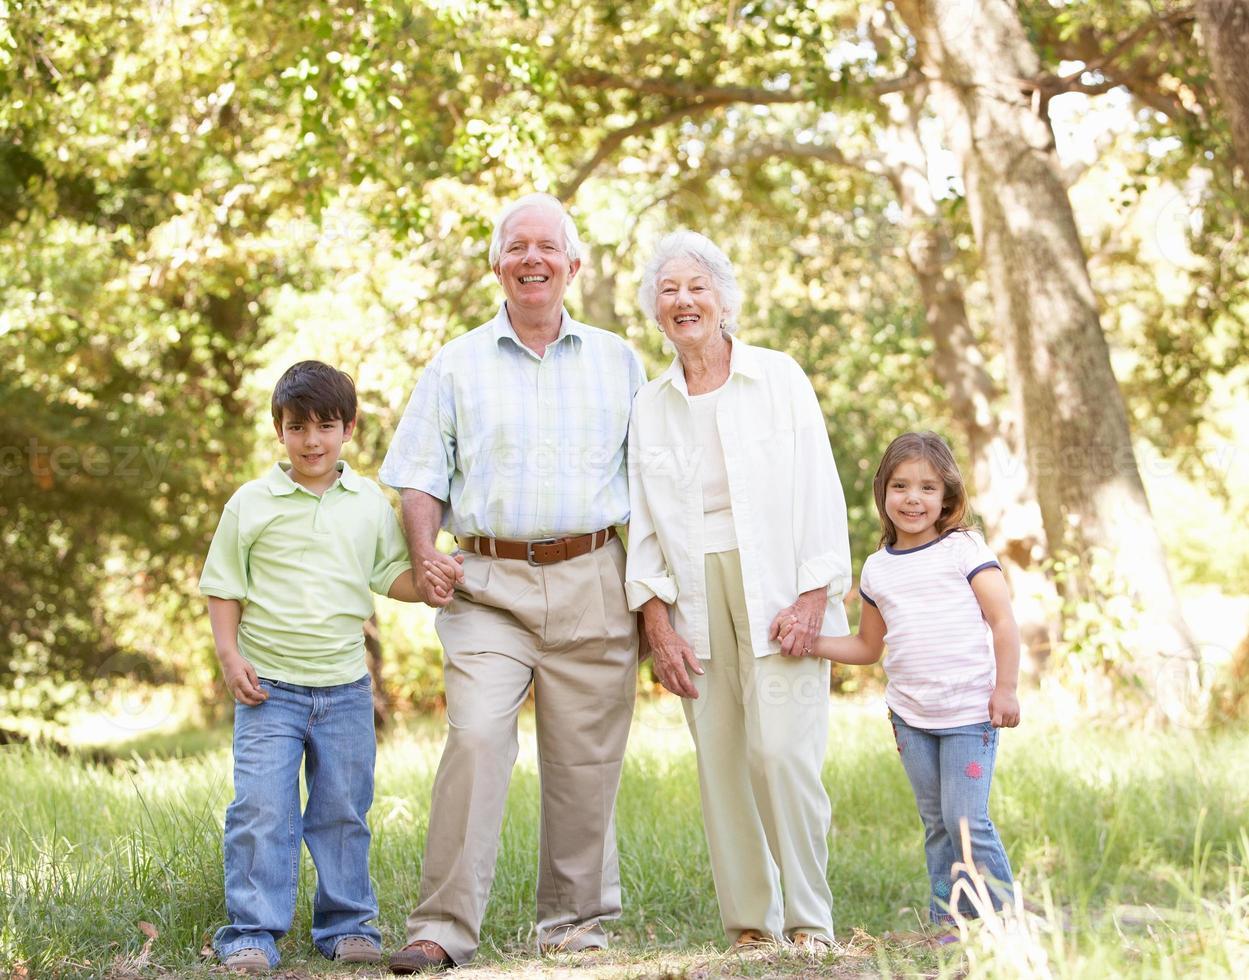 avós no parque com netos foto